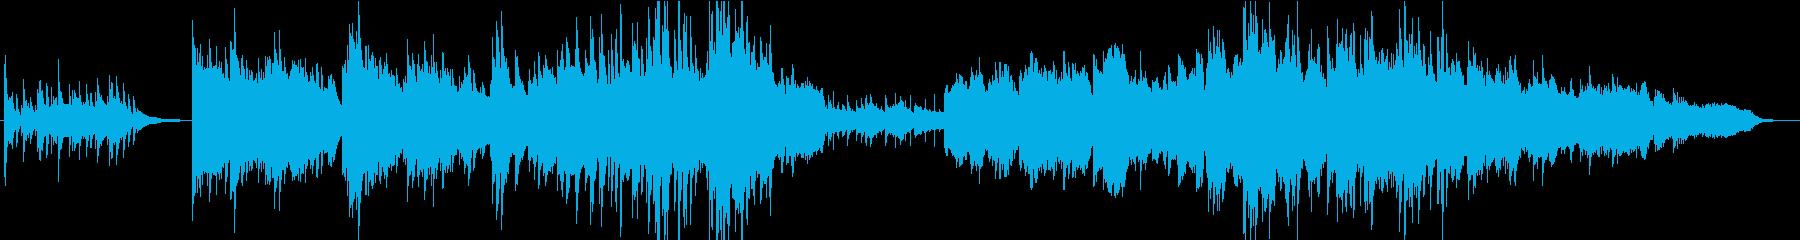 ピアノとバイオリンが綺麗なバラード曲の再生済みの波形